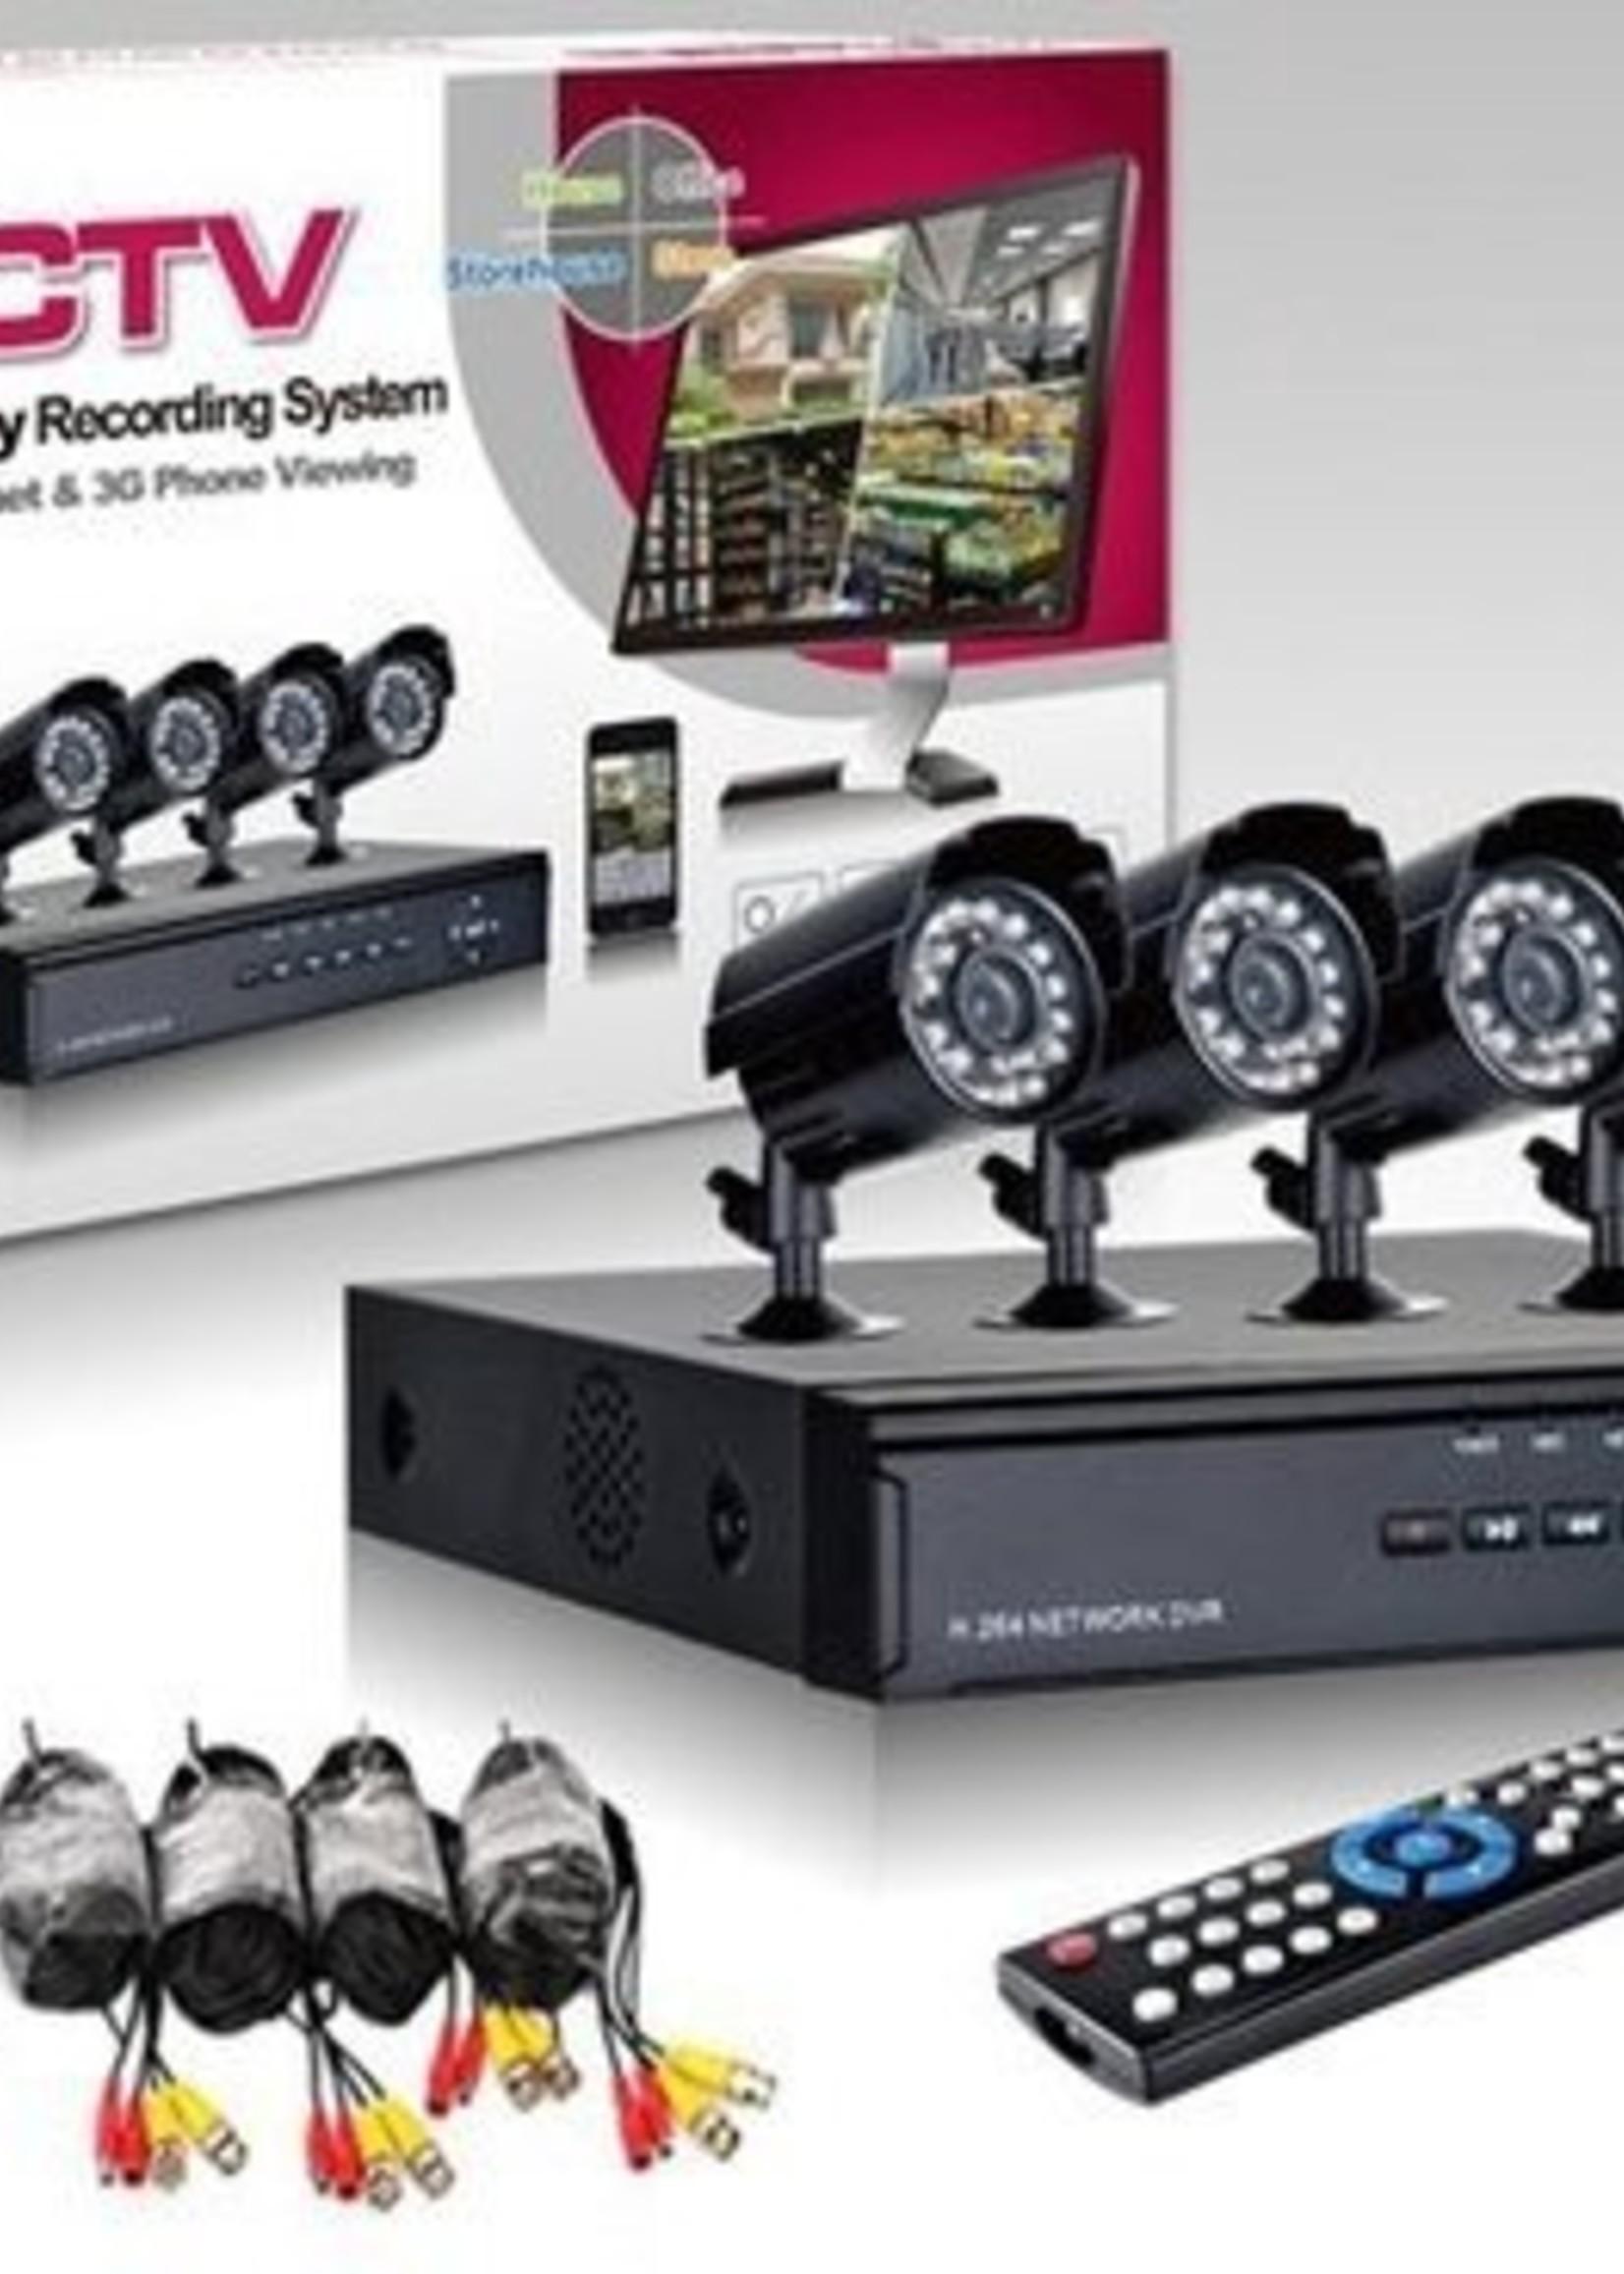 CCTV Camersysteem met 4 camera's & dvr